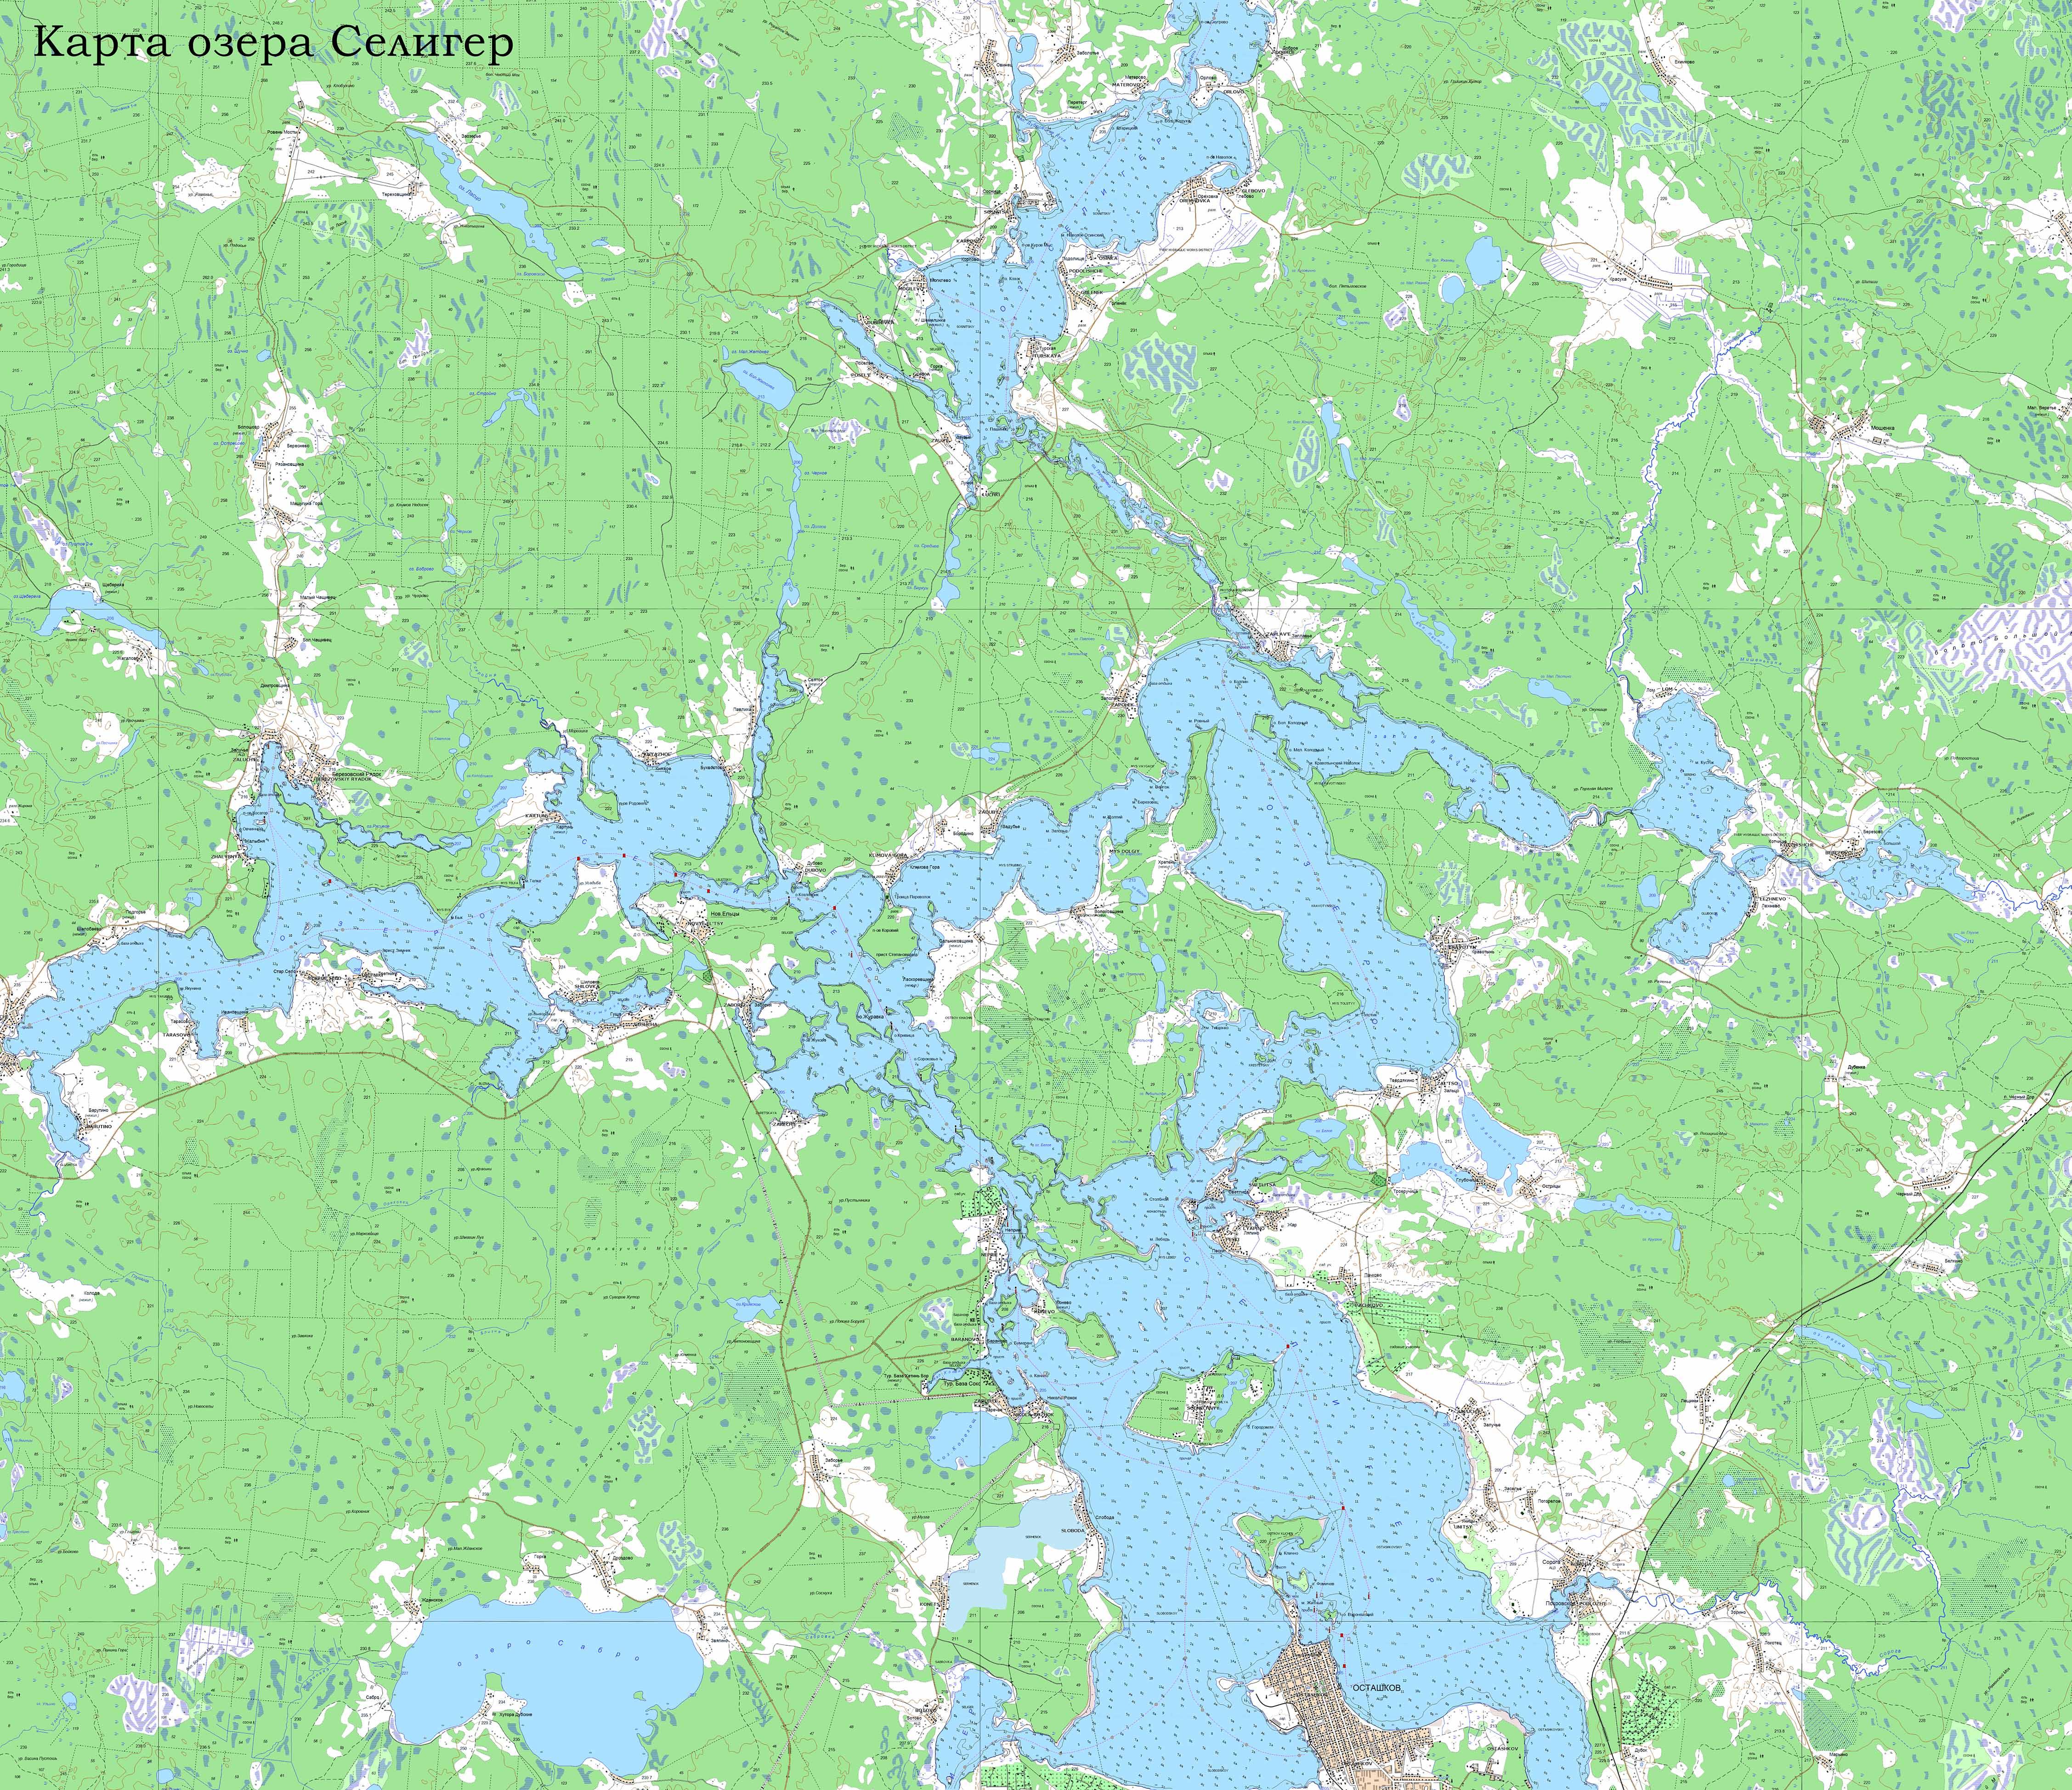 Карта озера Селигер и окрестностей топографическая с глубинами